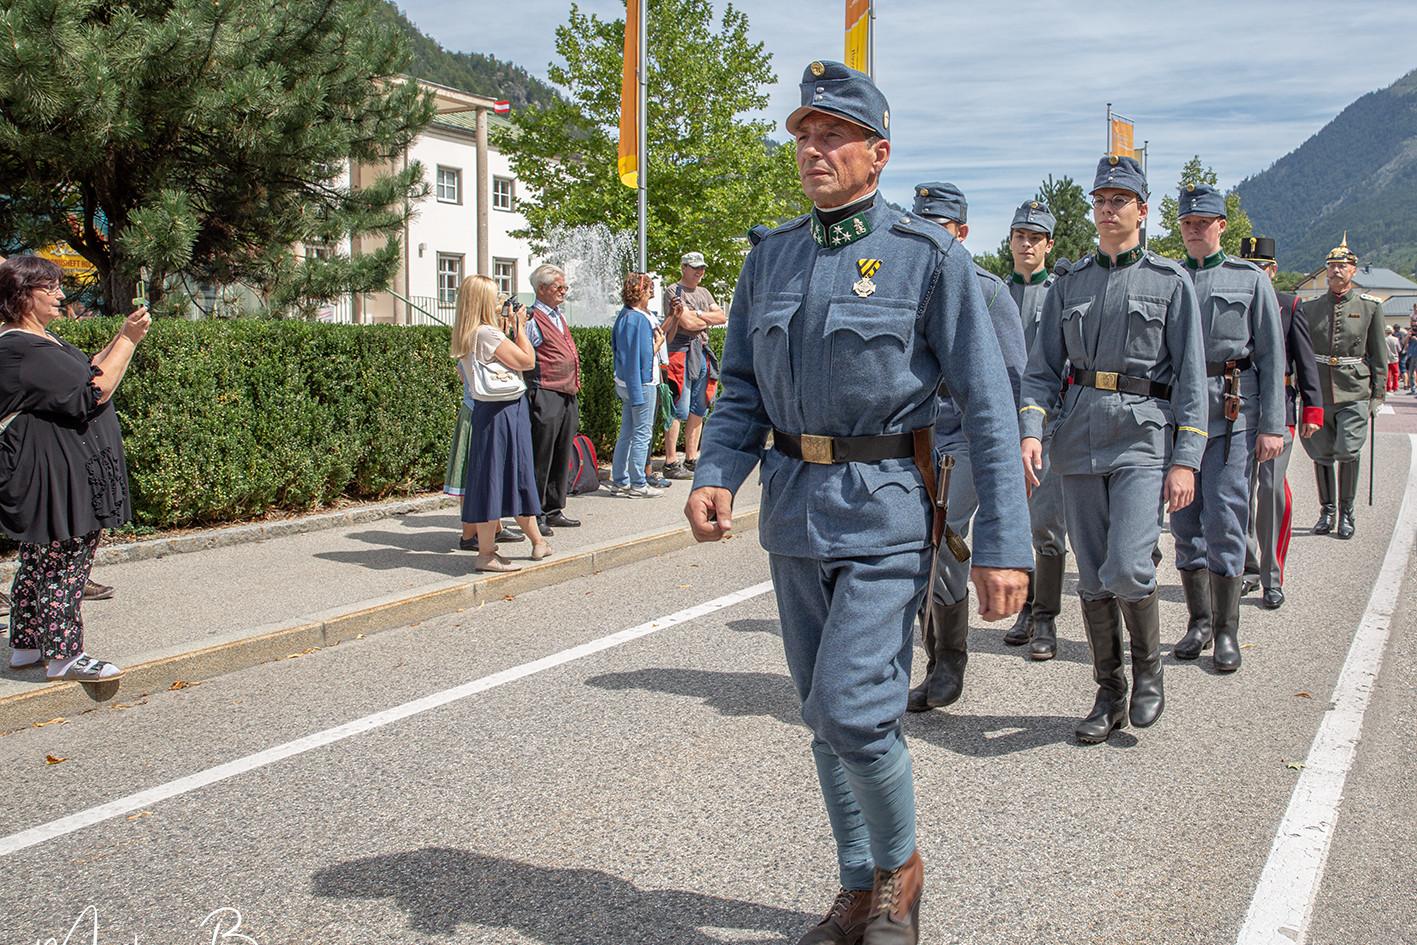 Soldaten_Umzug_2A8A2295.jpg